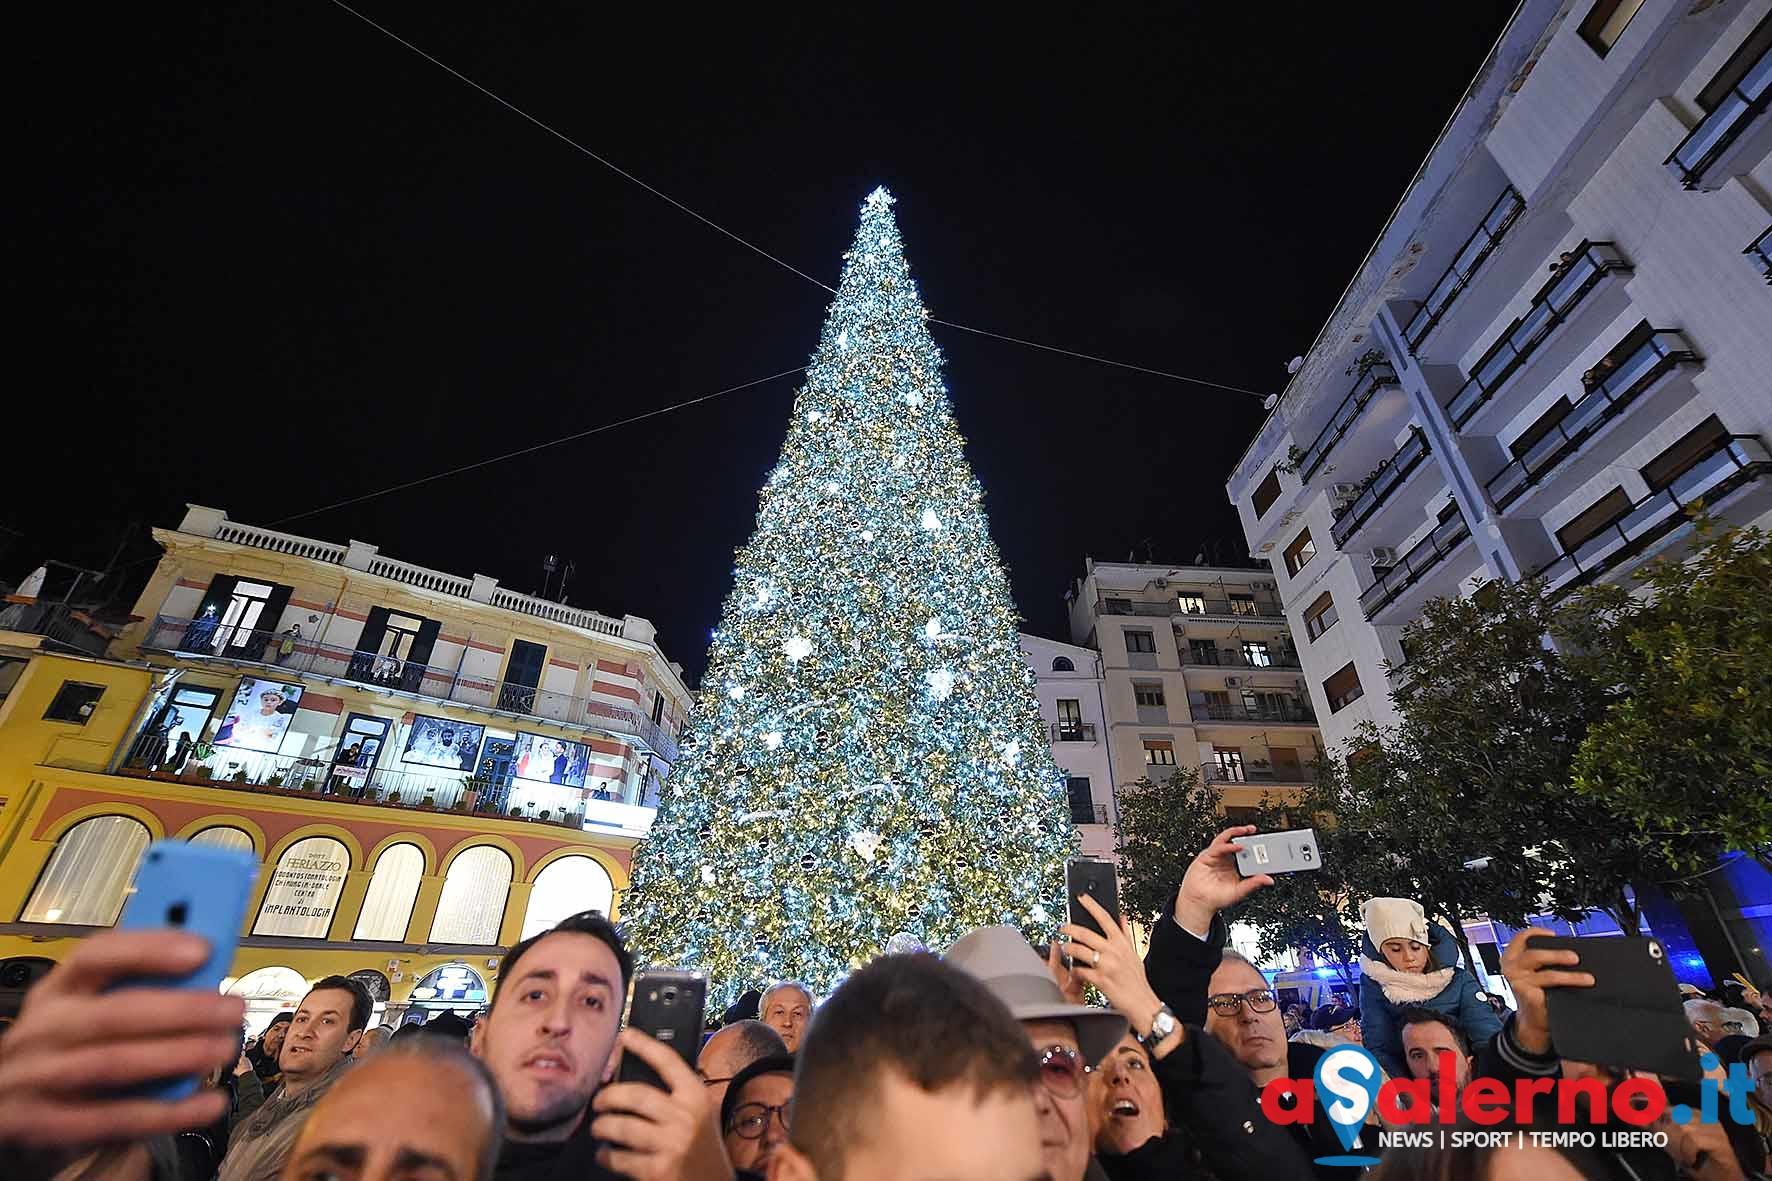 Serena Autieri accende l'albero di Natale